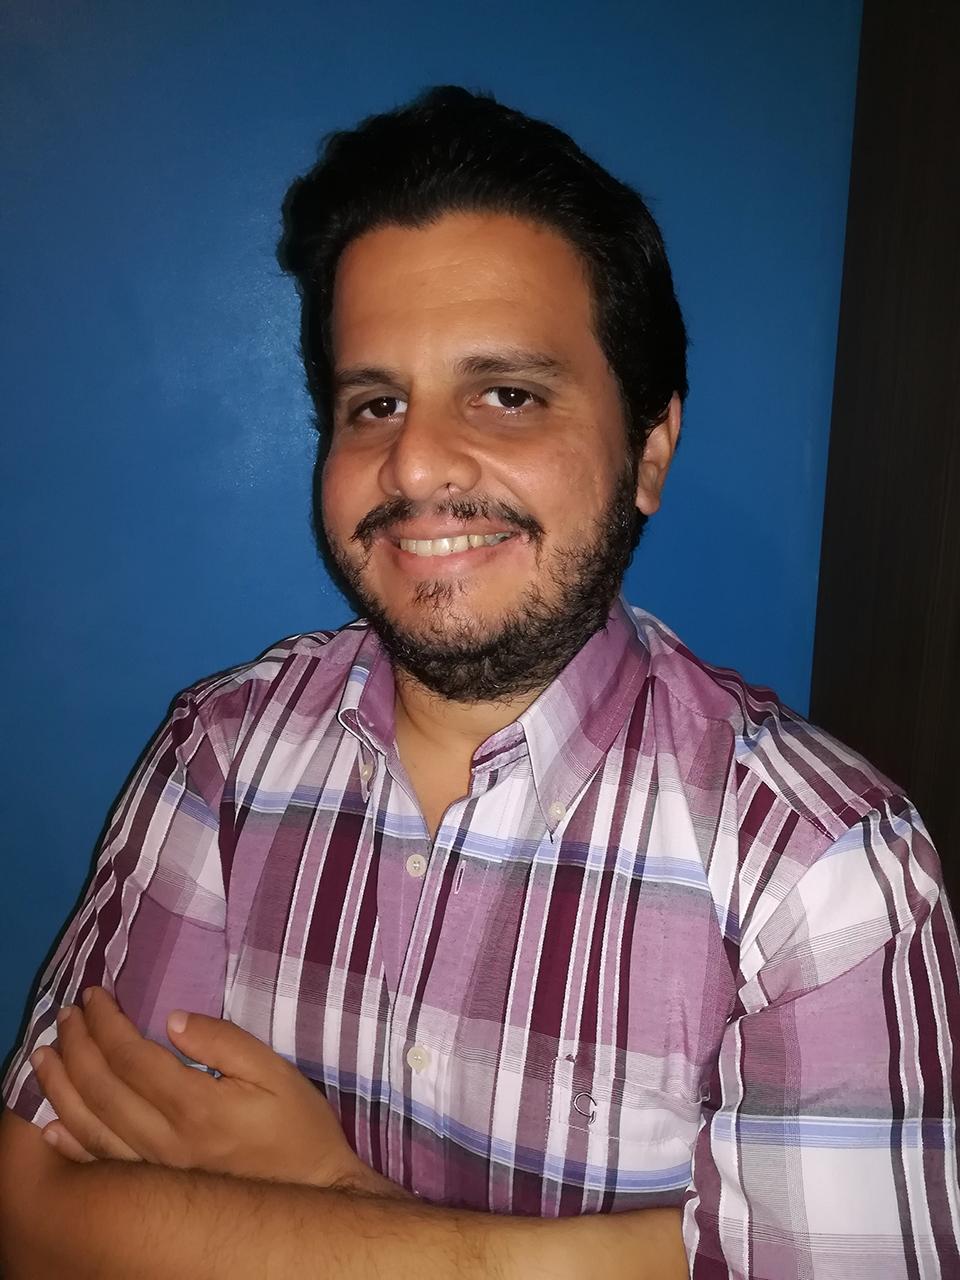 Errol Caballero